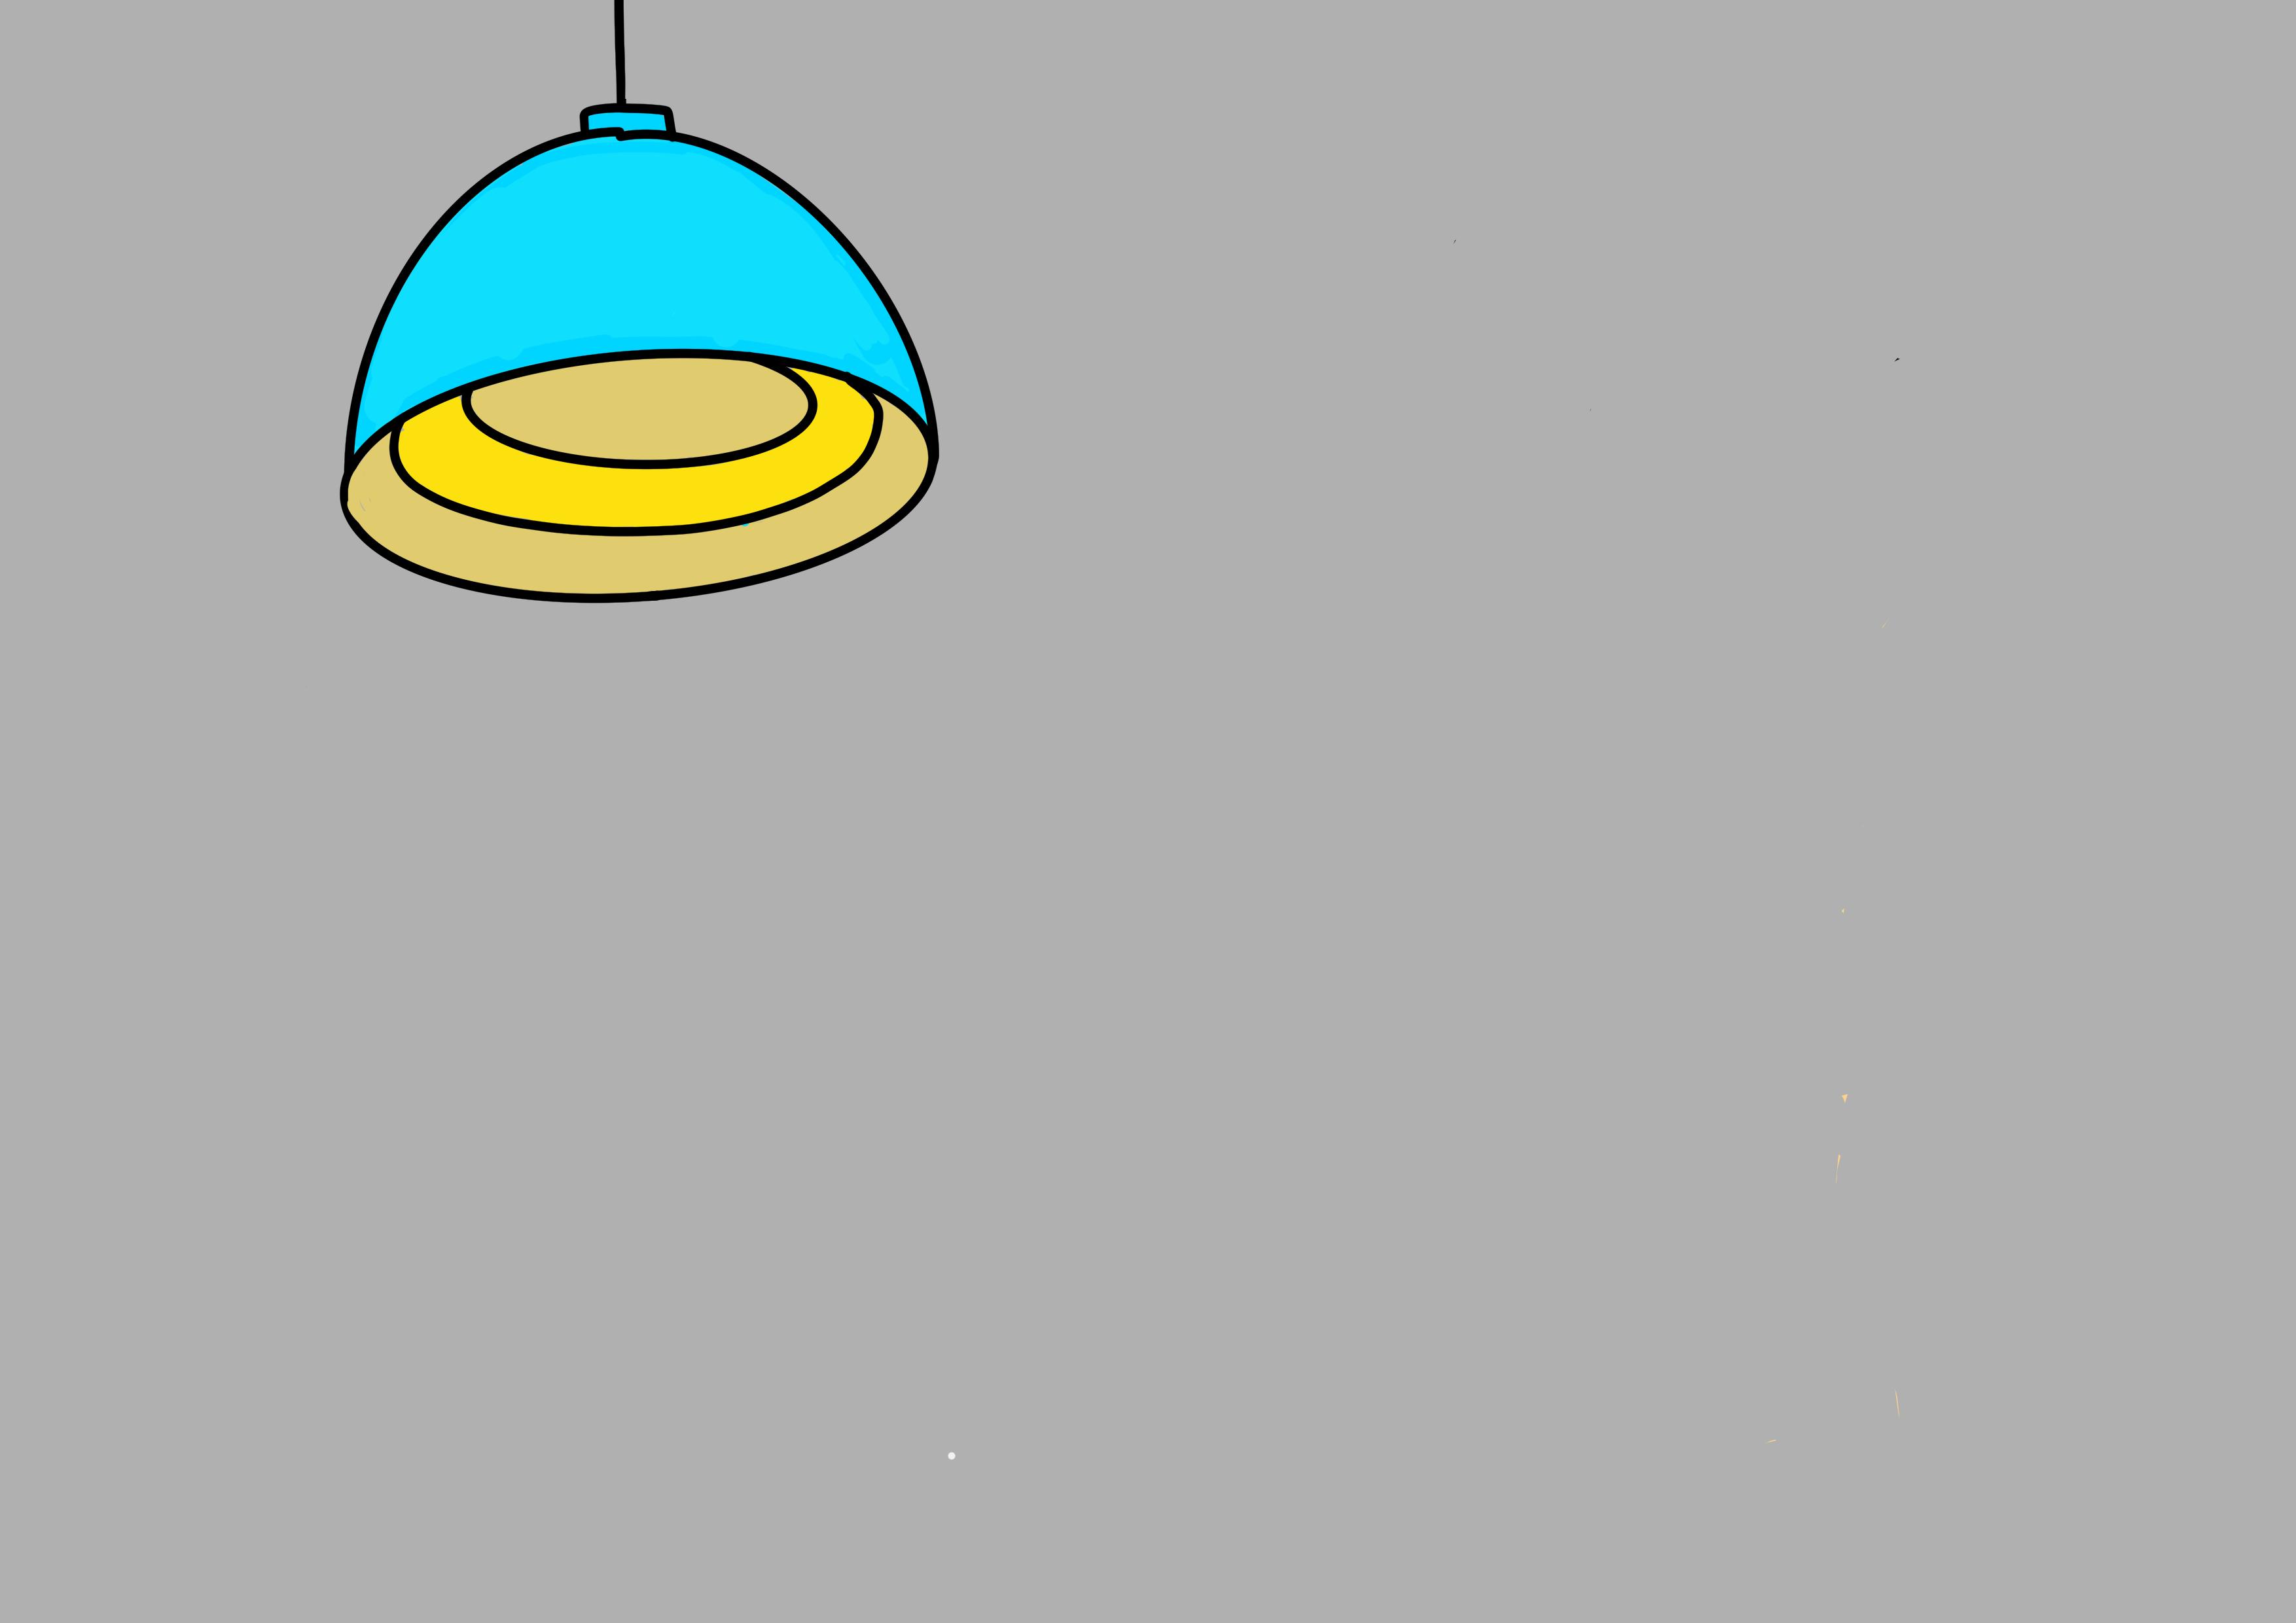 29課イラスト【電気が消える】